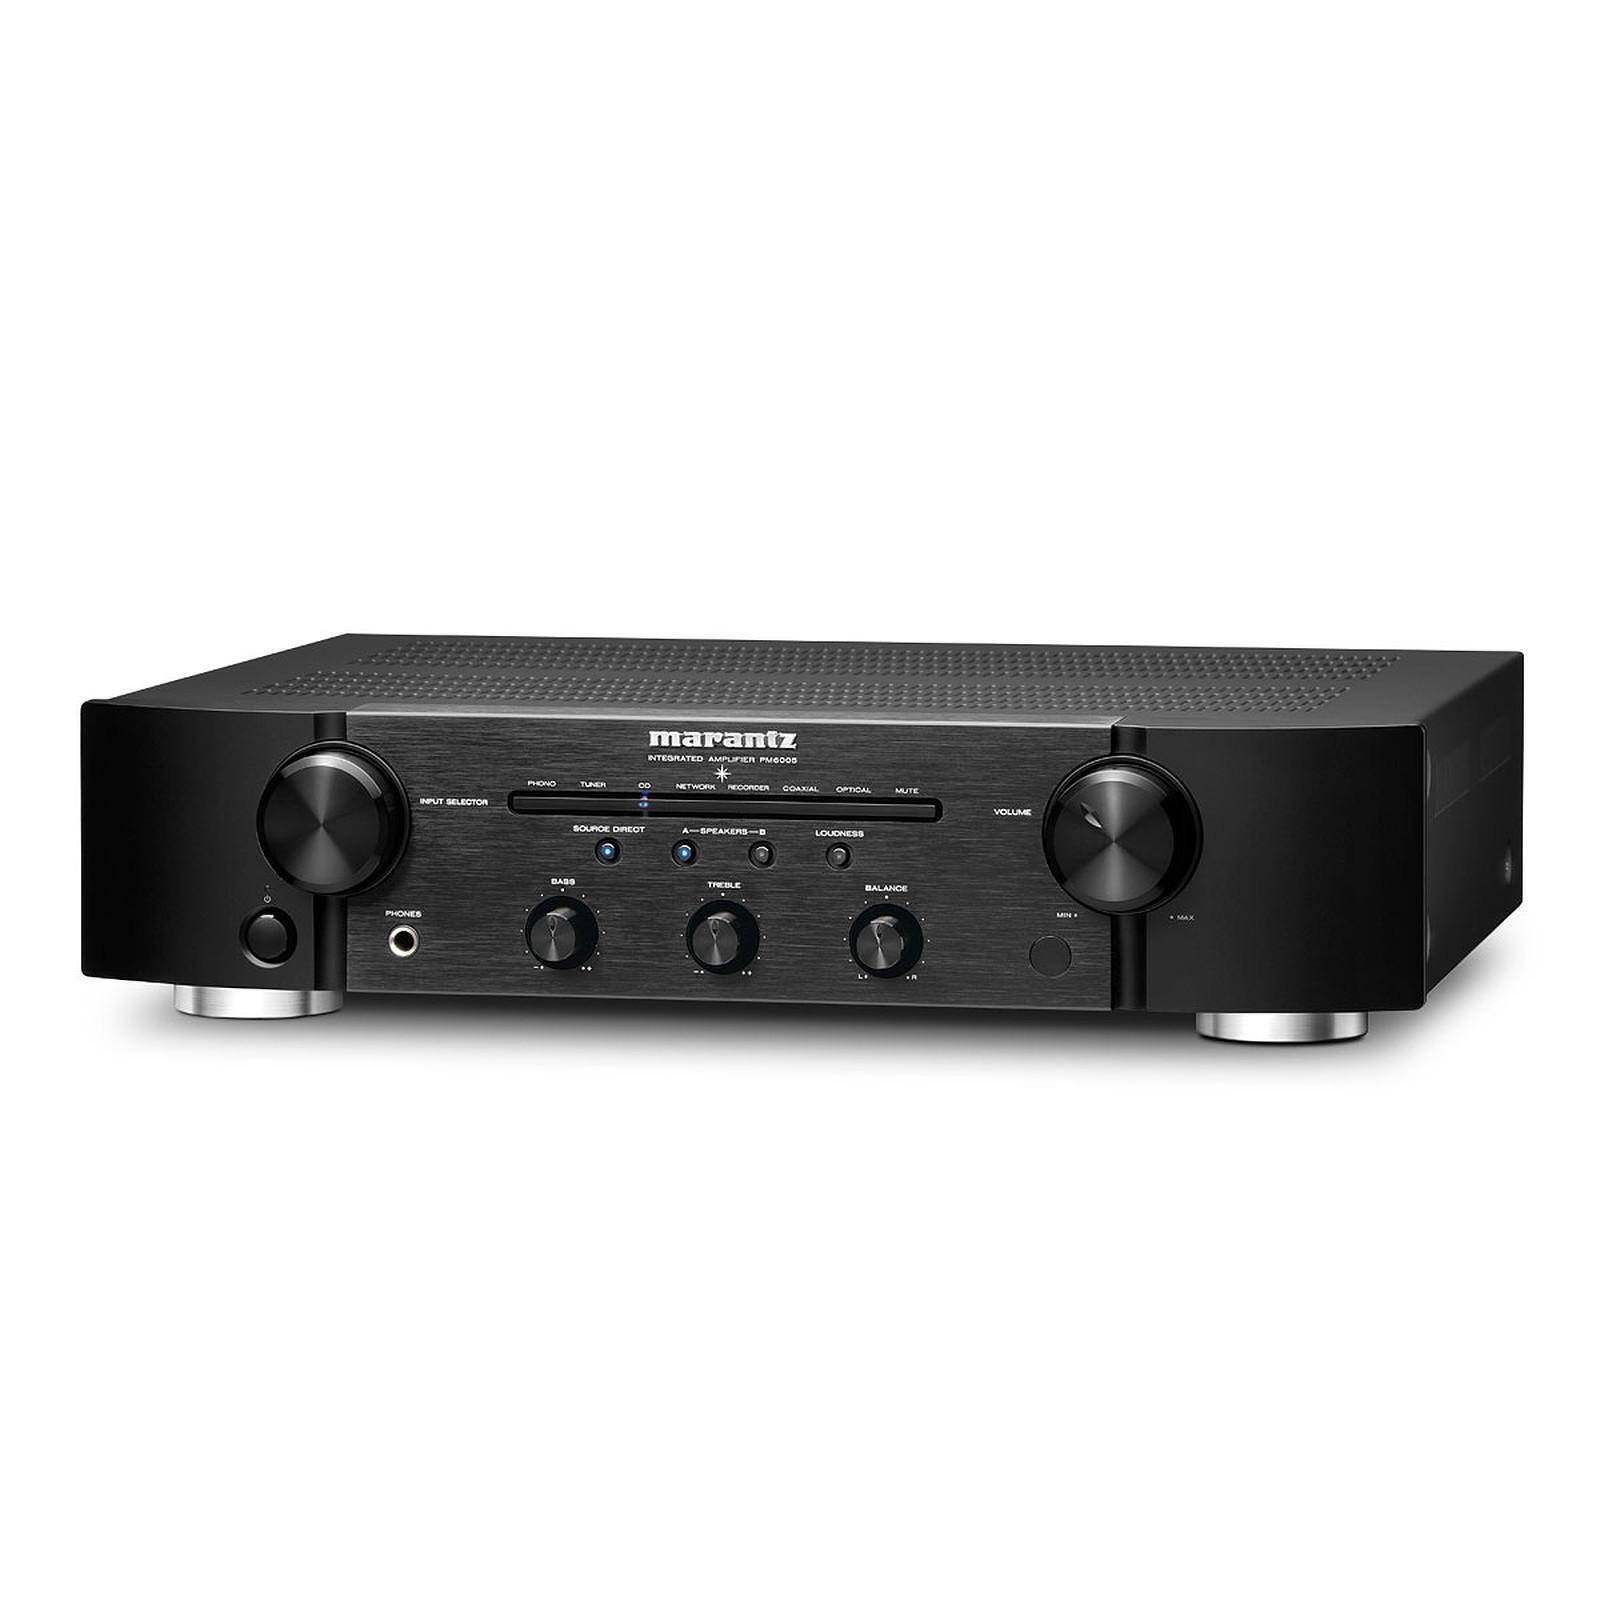 Marantz PM6005 Noir - Amplificateur Hifi Marantz sur LDLC